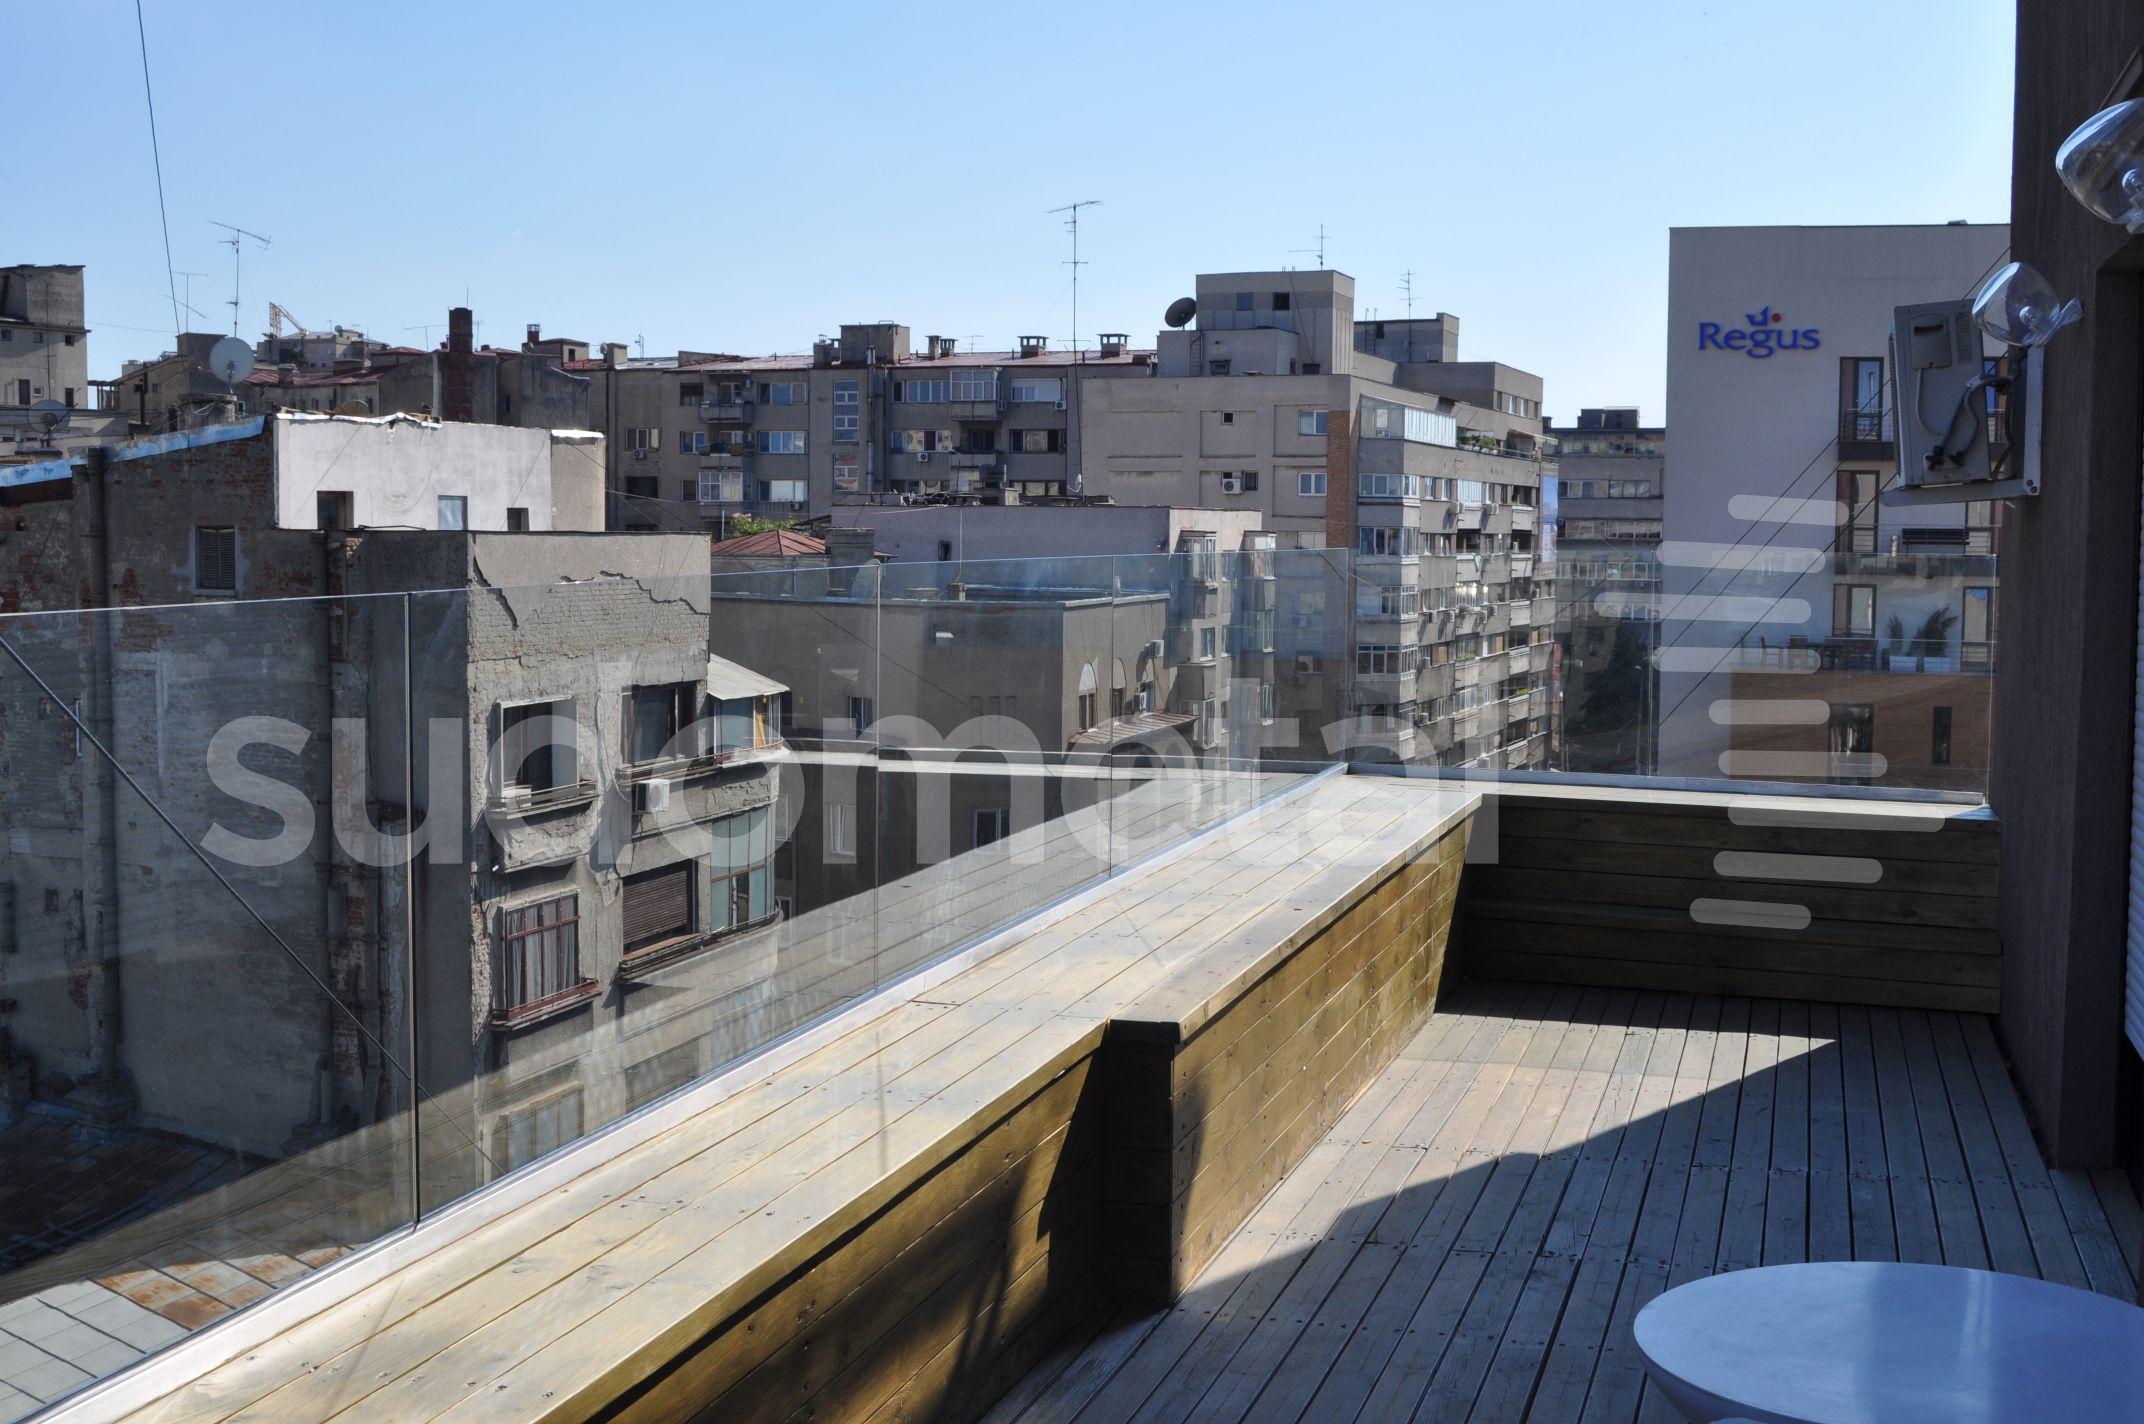 Balustrade exterioare - Balustrade sticla apartament particular Bucuresti SUDOMETAL - Poza 1